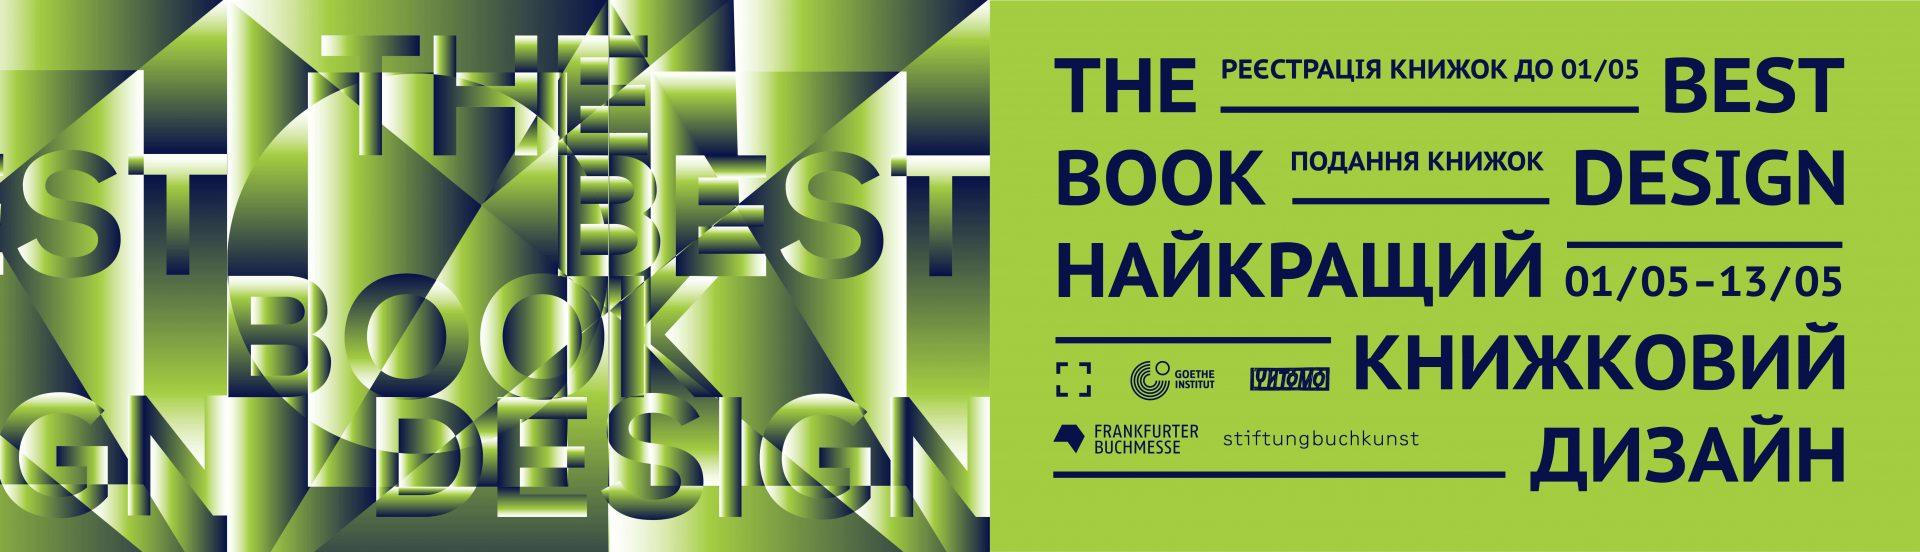 Найкращий книжковий дизайн 2019 року